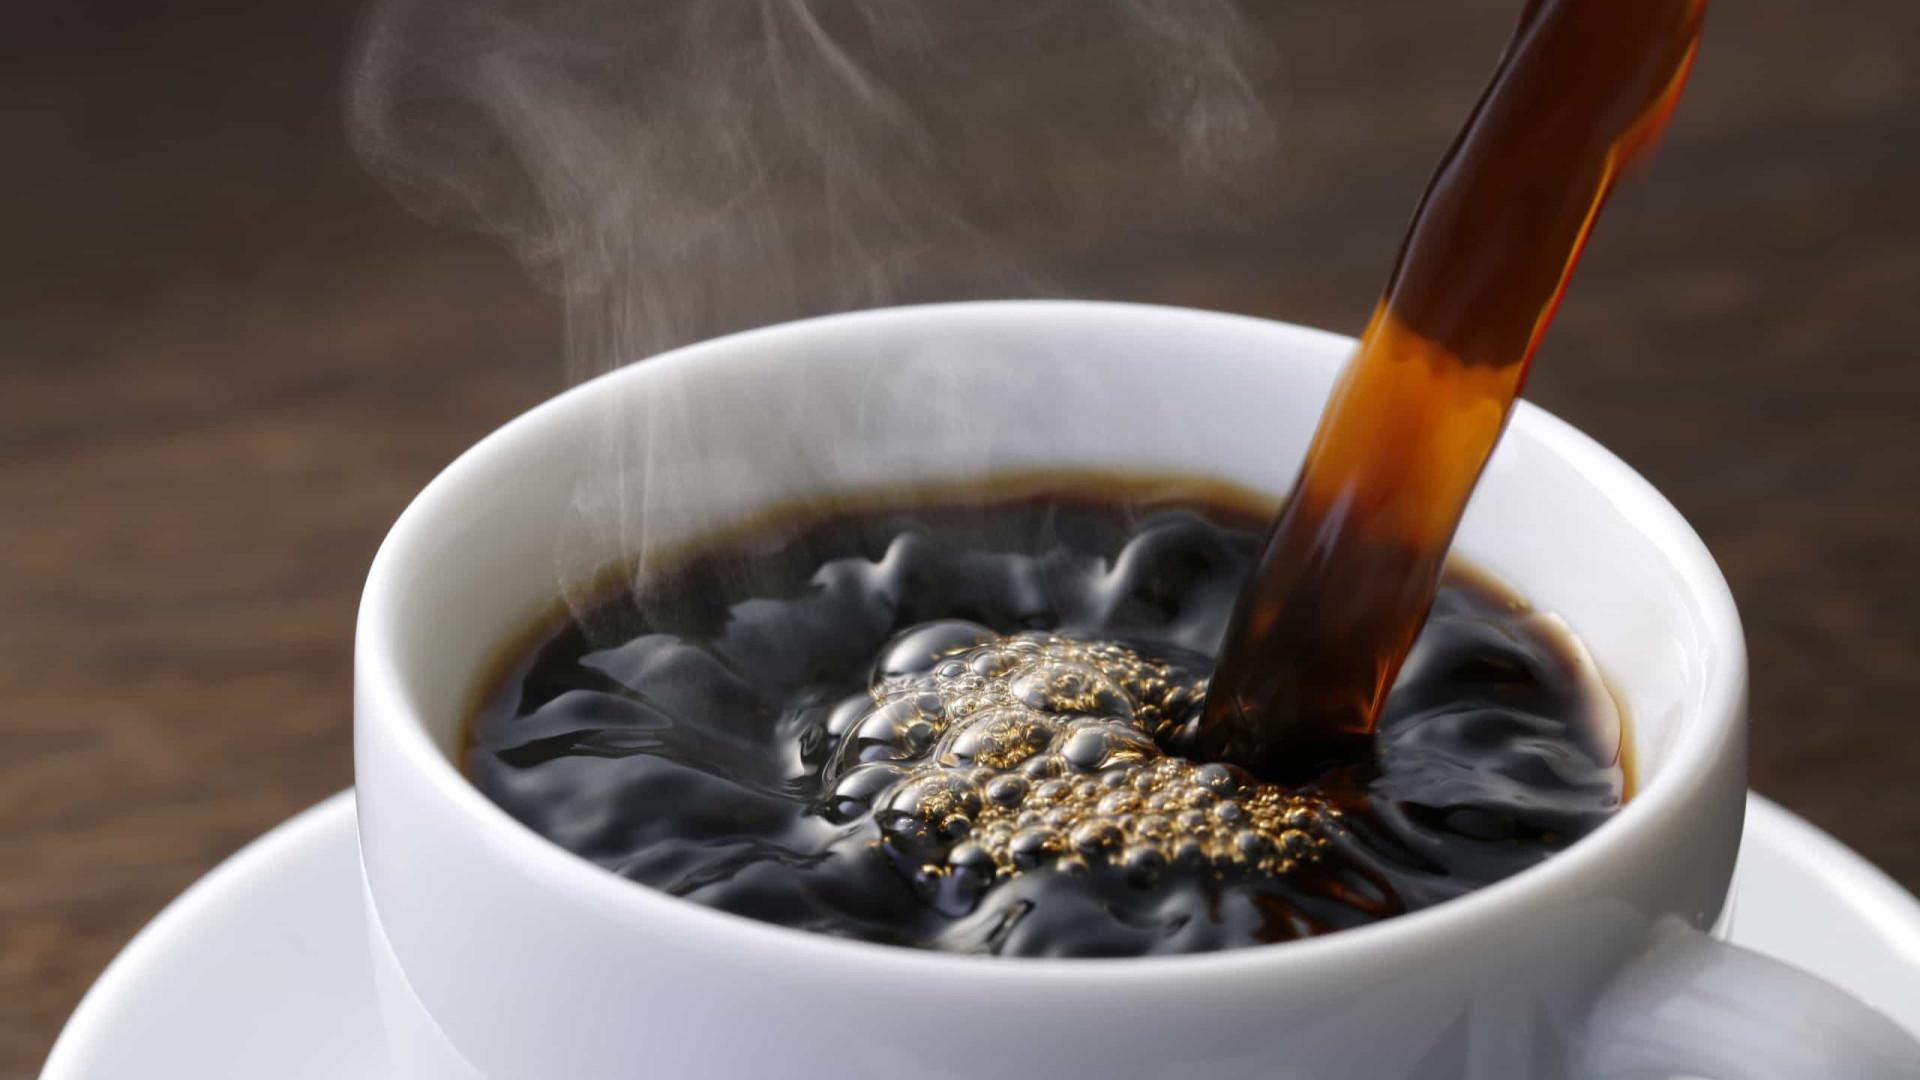 Cuidado. Beber esta quantidade de café pode causar overdose